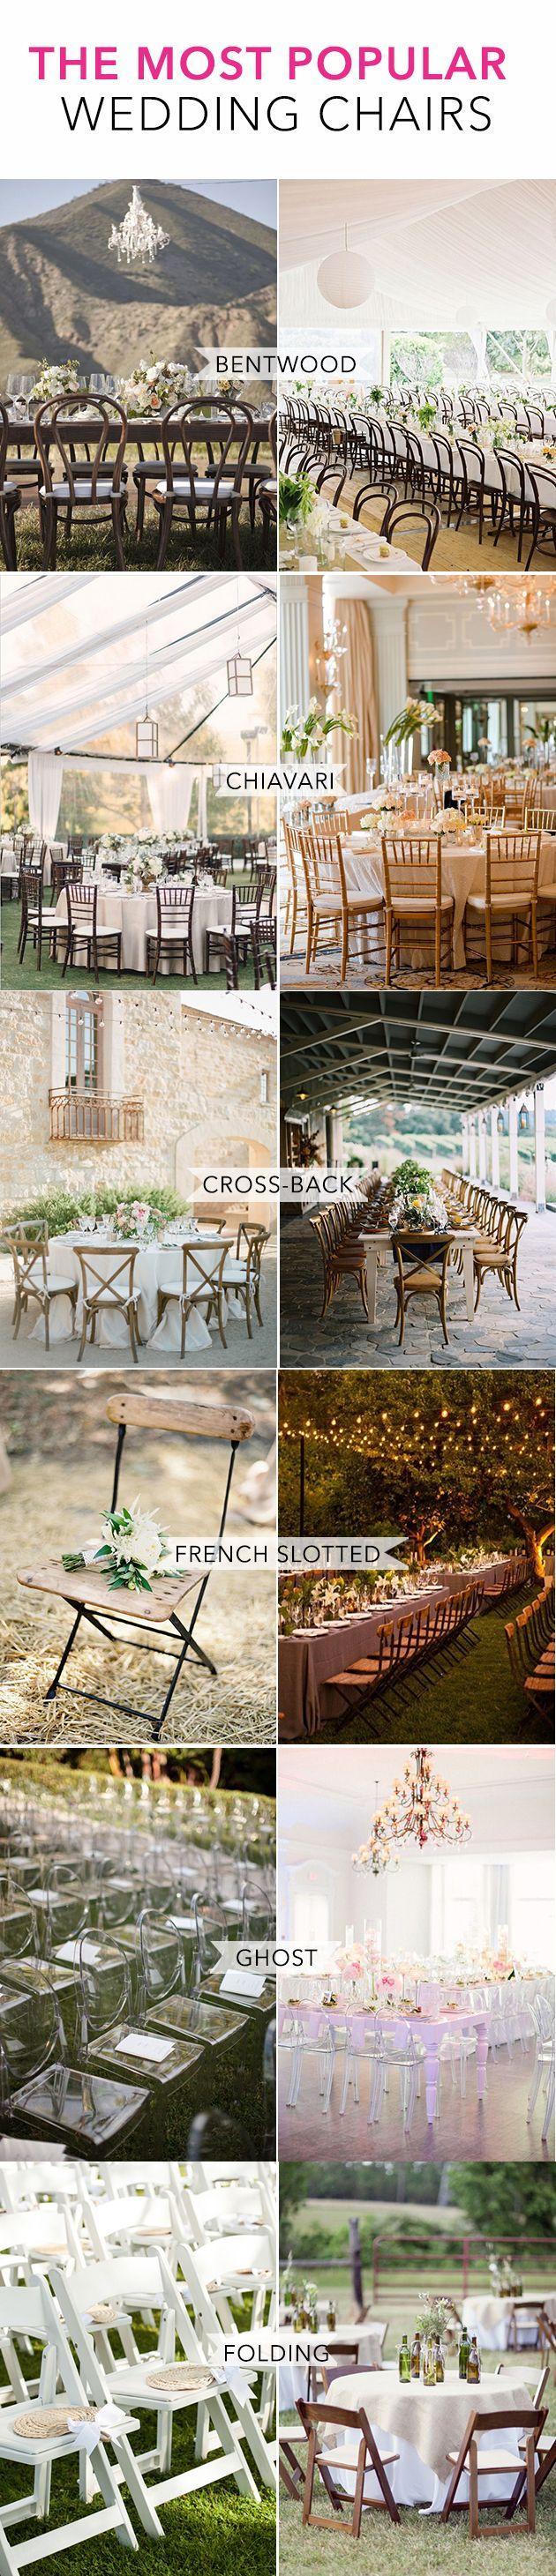 Hochzeit - Guide To Wedding Chair Styles